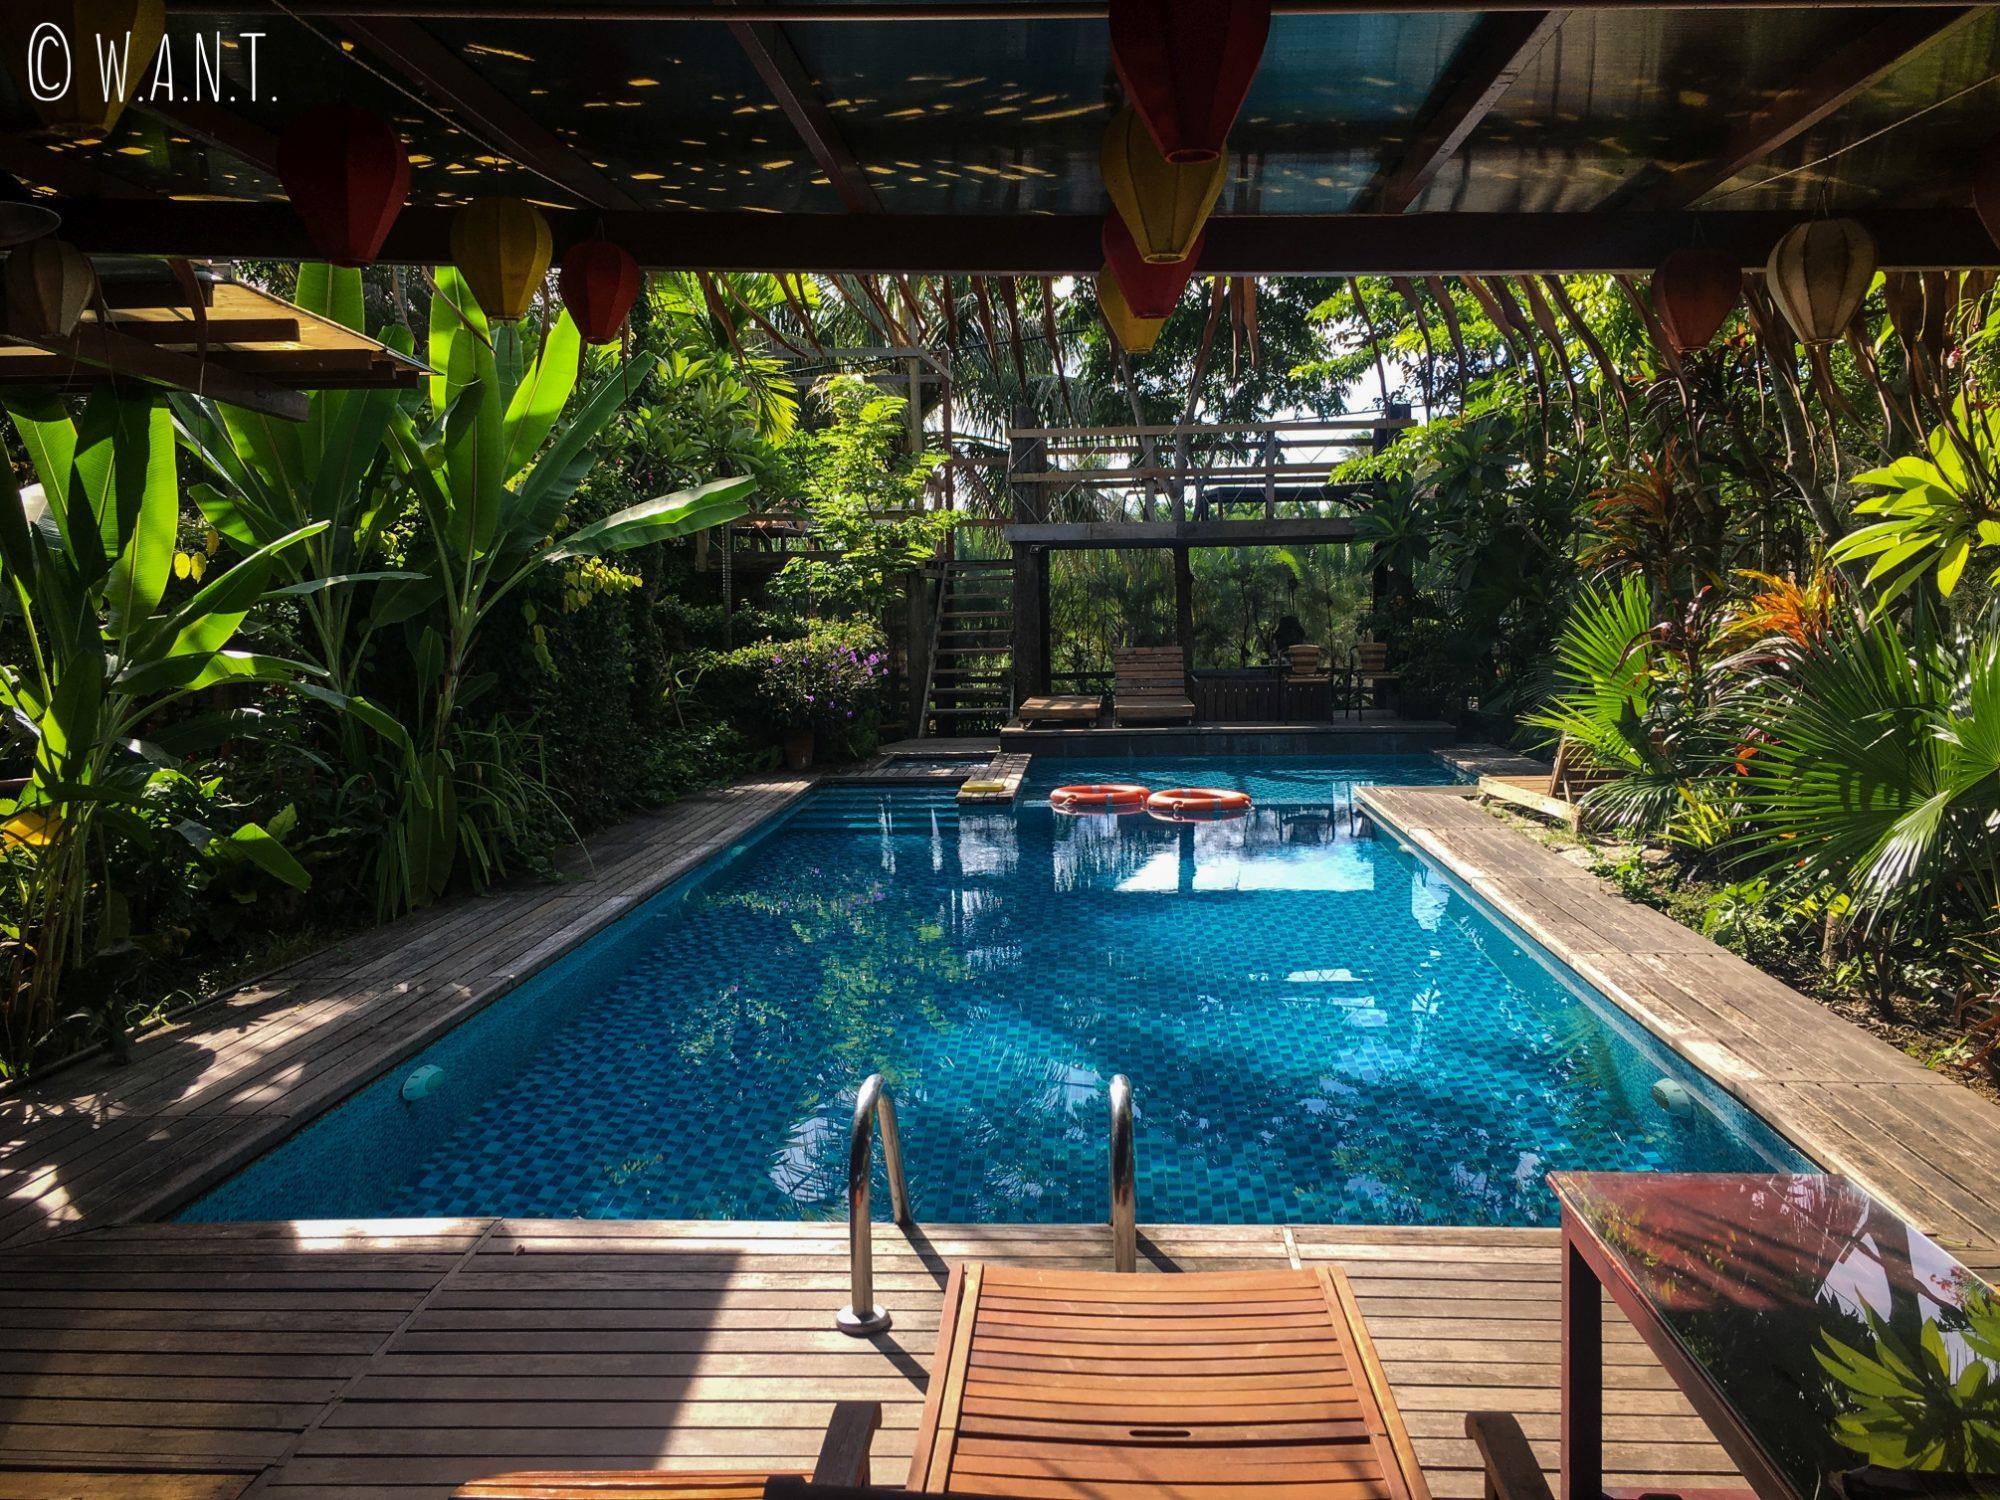 La piscine de notre homestay est un coin de paradis à Hoi An